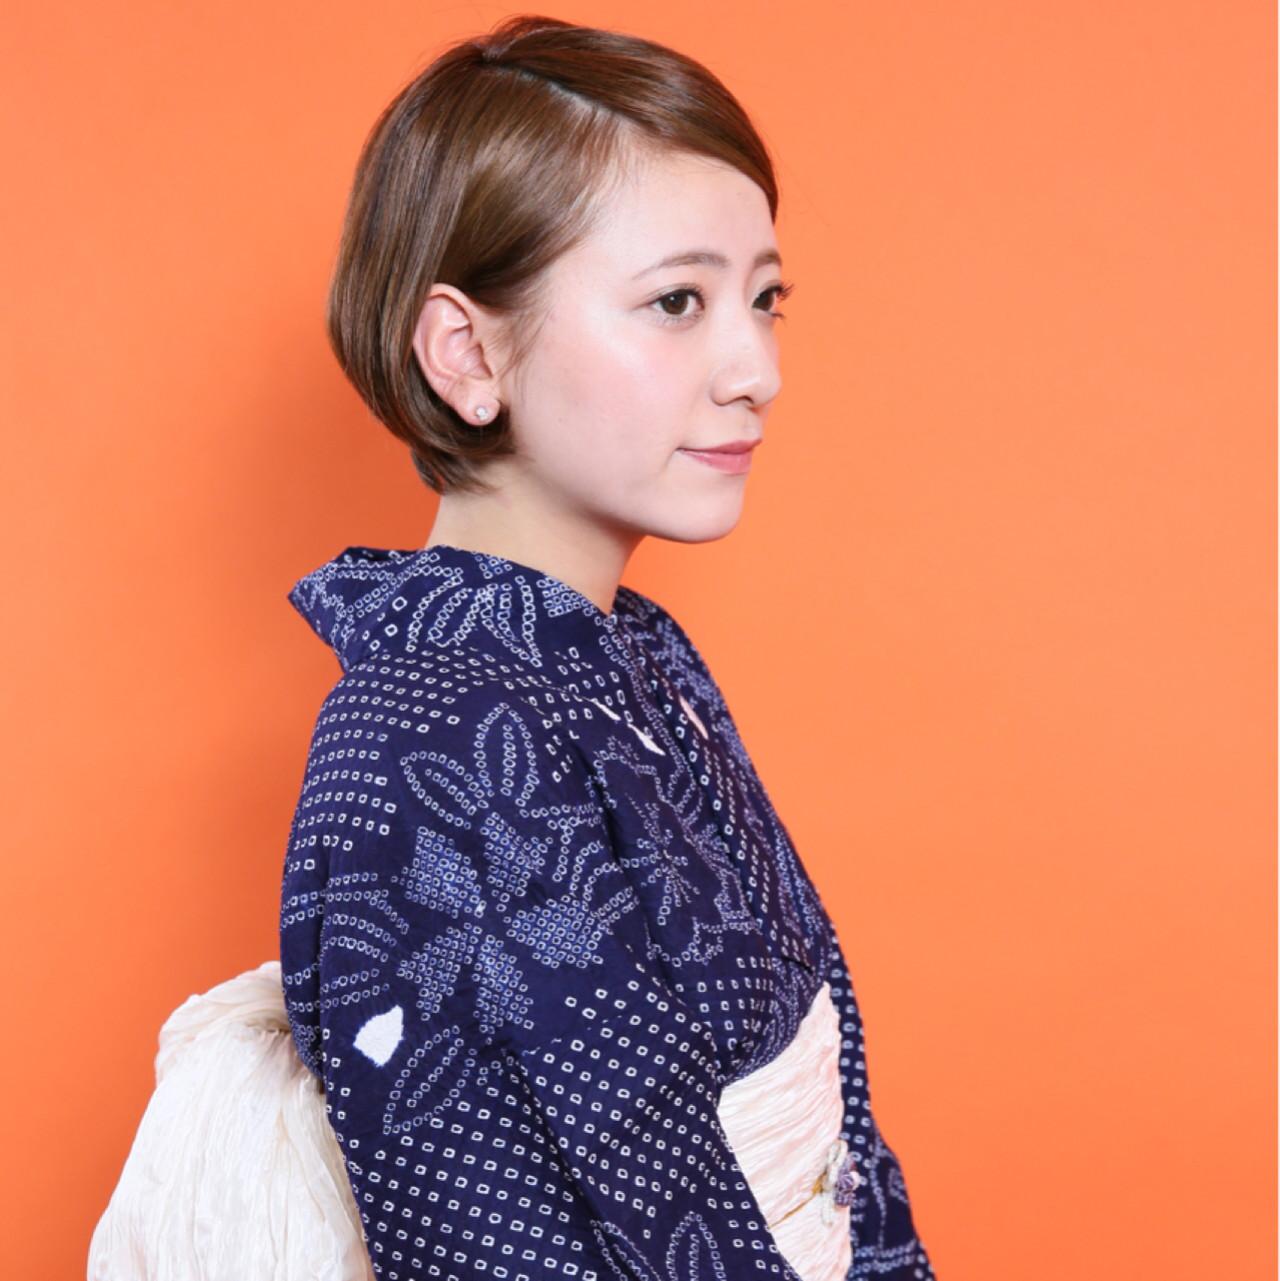 【髪型カタログ】着物に似合うショートのおすすめ髪型アレンジ特集 竹下 ひかり